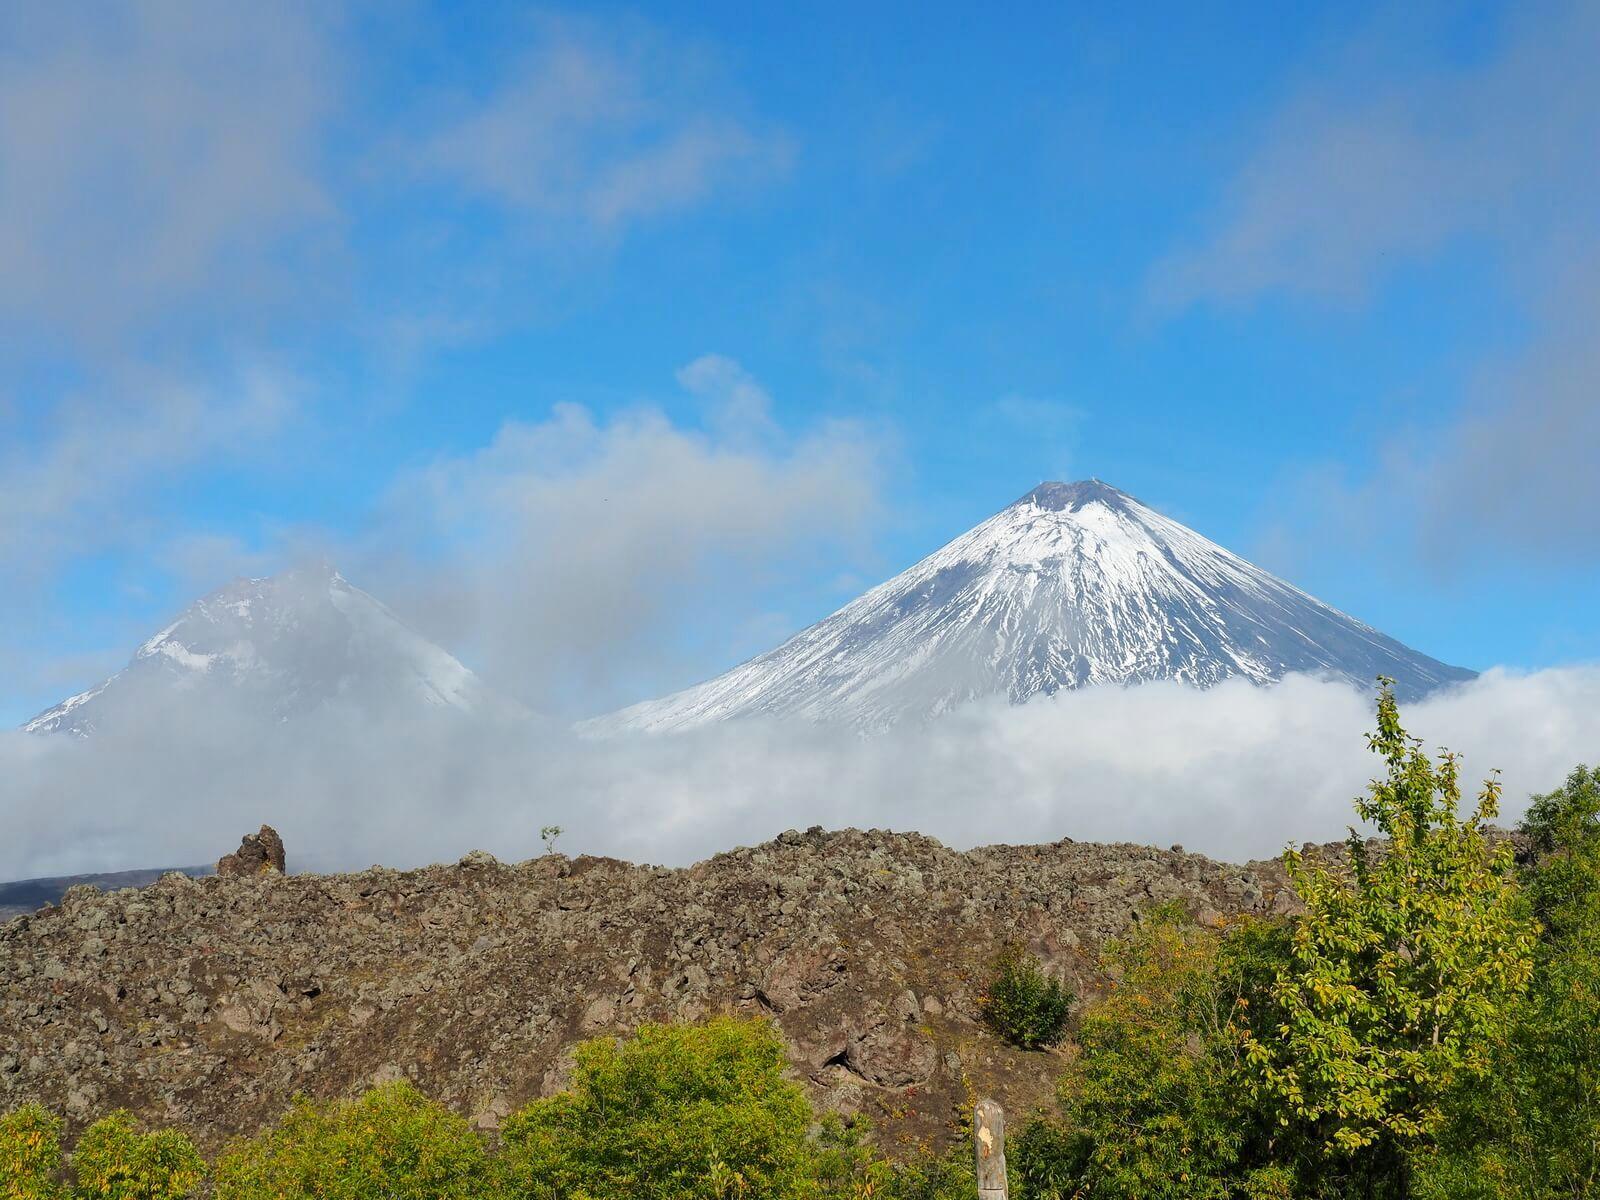 камчатка вулканы фото ключевская сопка просто